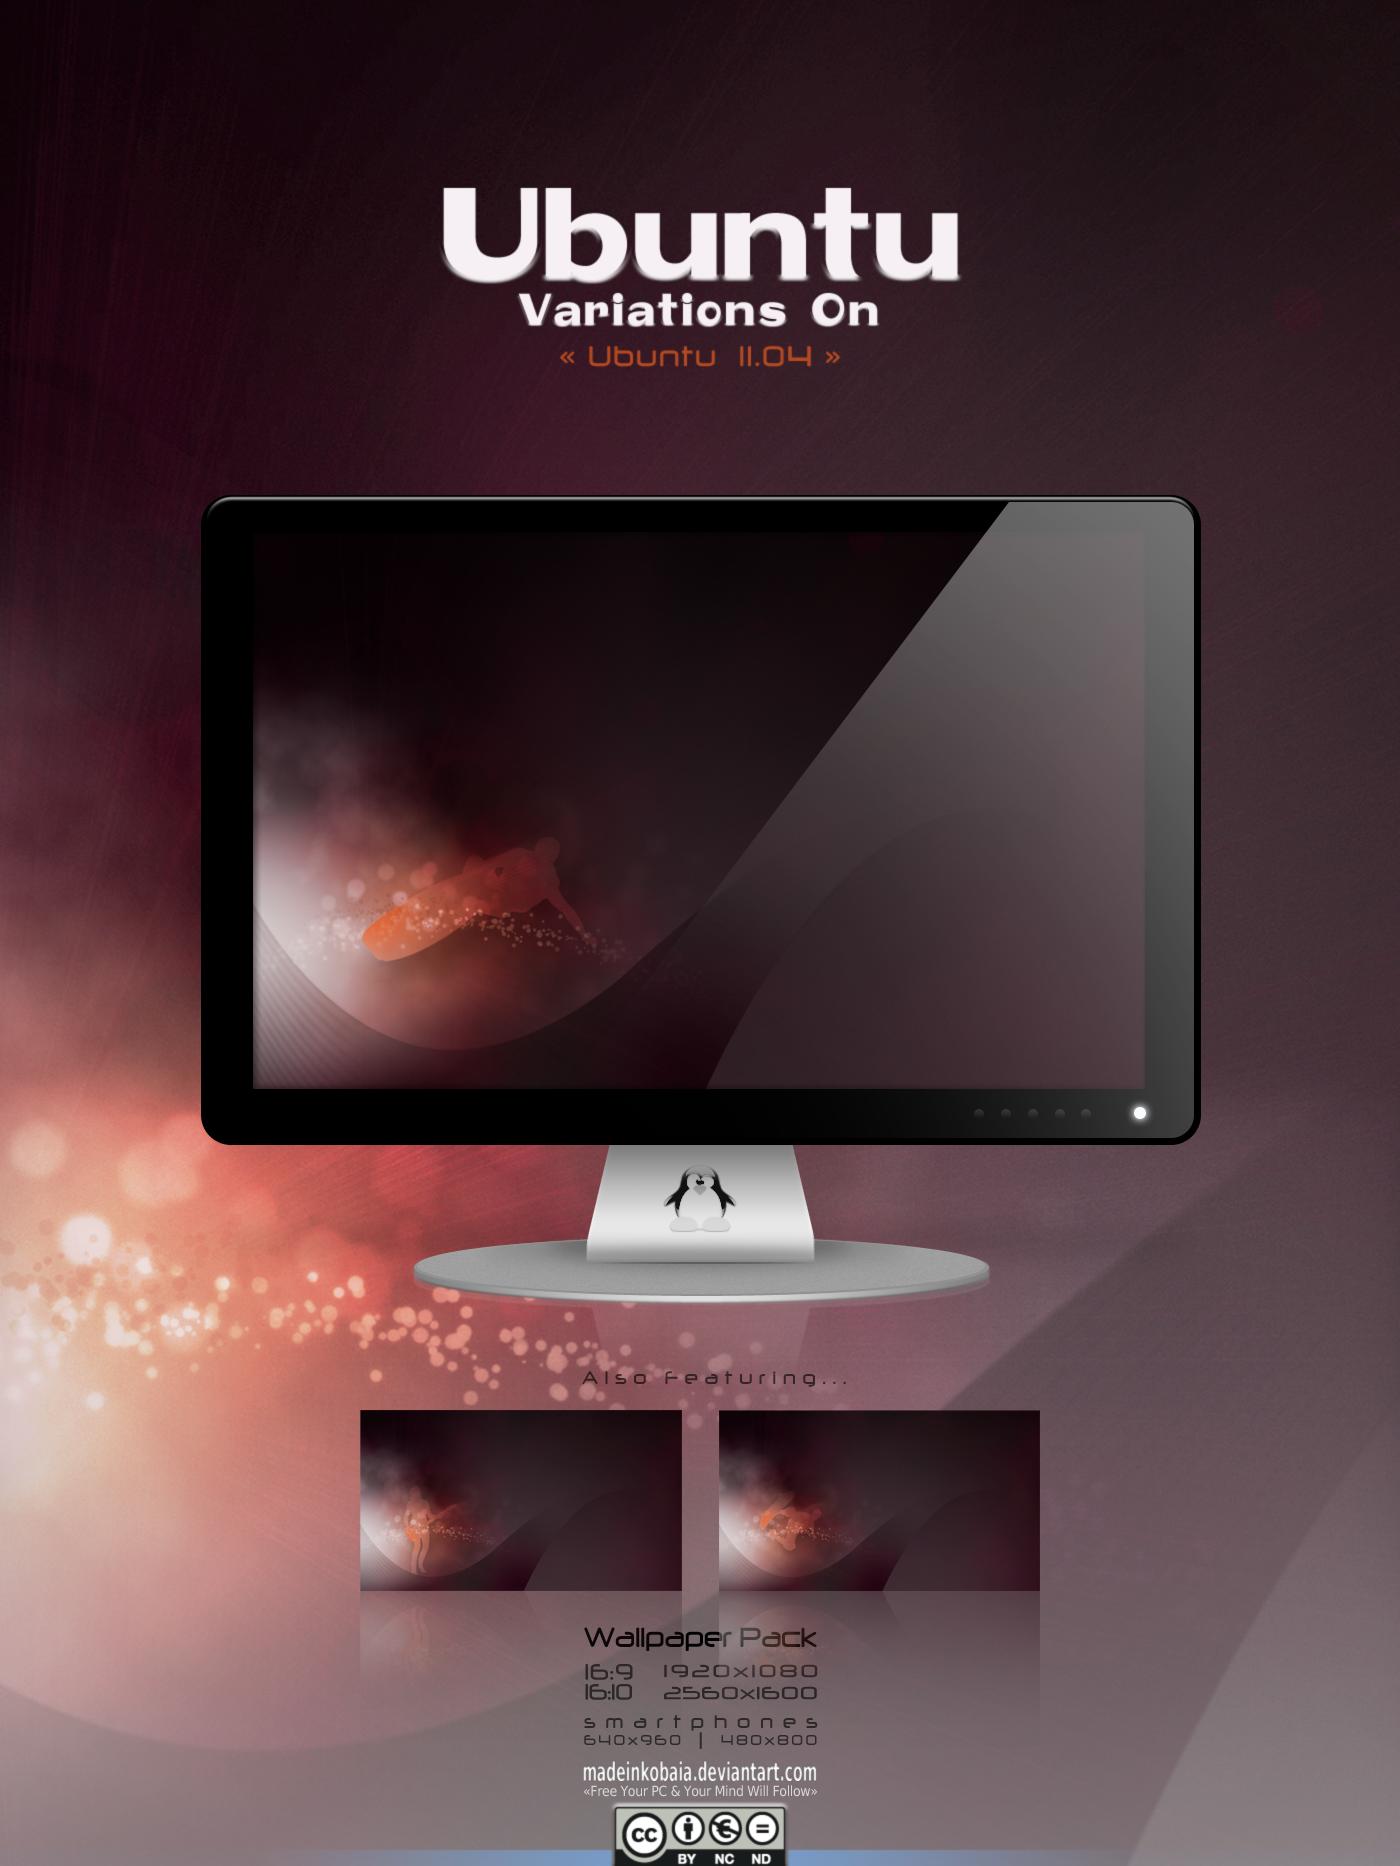 Variations On Ubuntu 11.04 1+